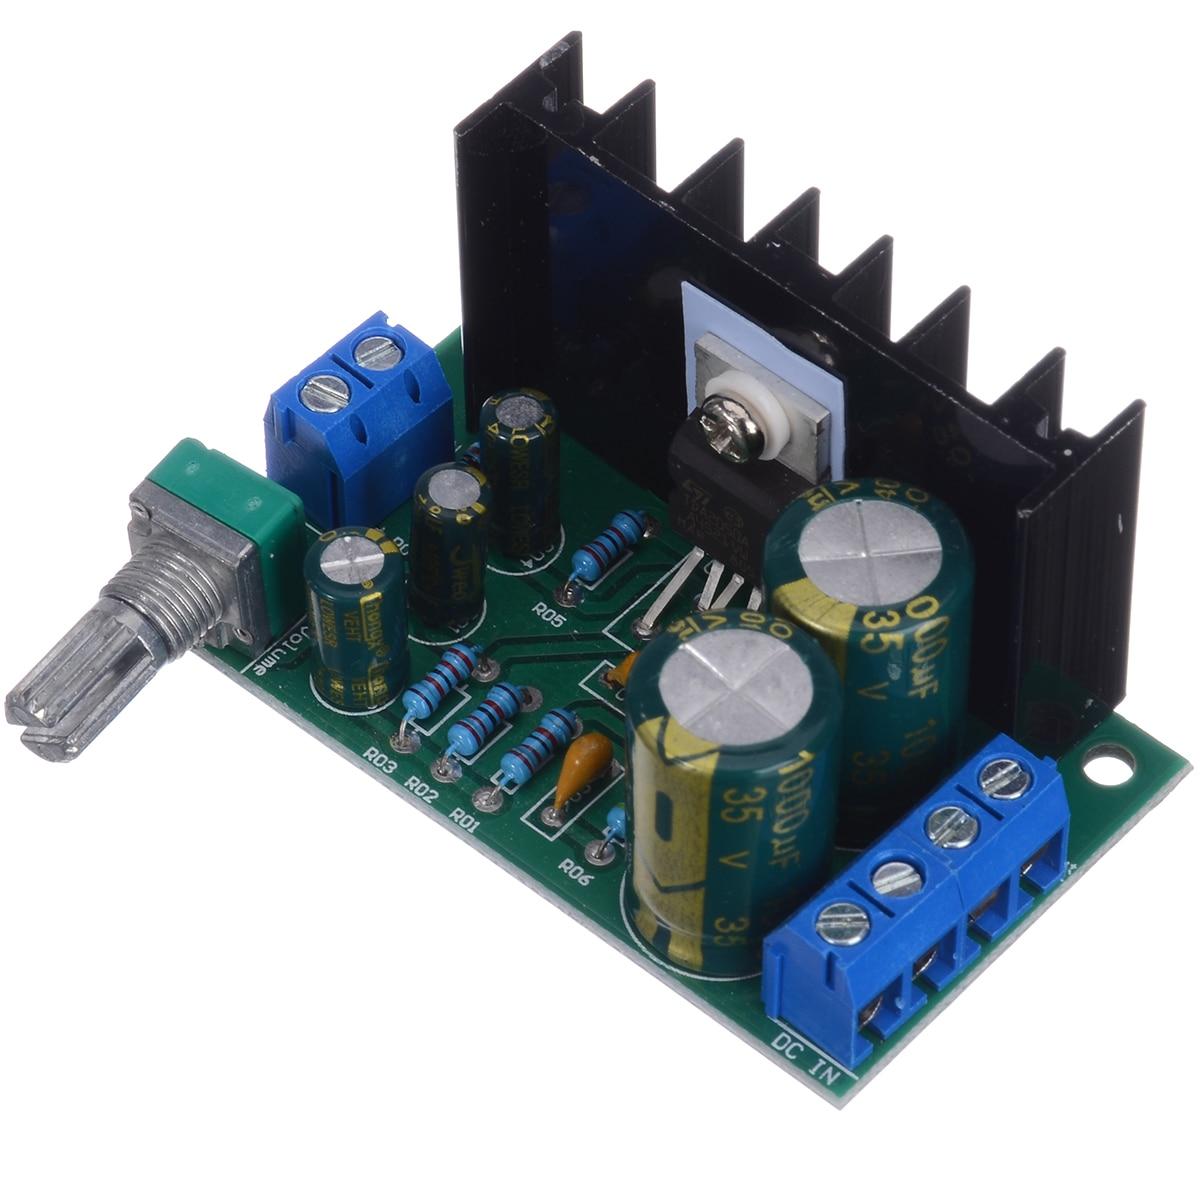 Newest TDA2050 Amplifier DC 12-24V Mono Channel Audio Power Amplifier Board Module 5W-120W DIY Modules 60x35x40mm